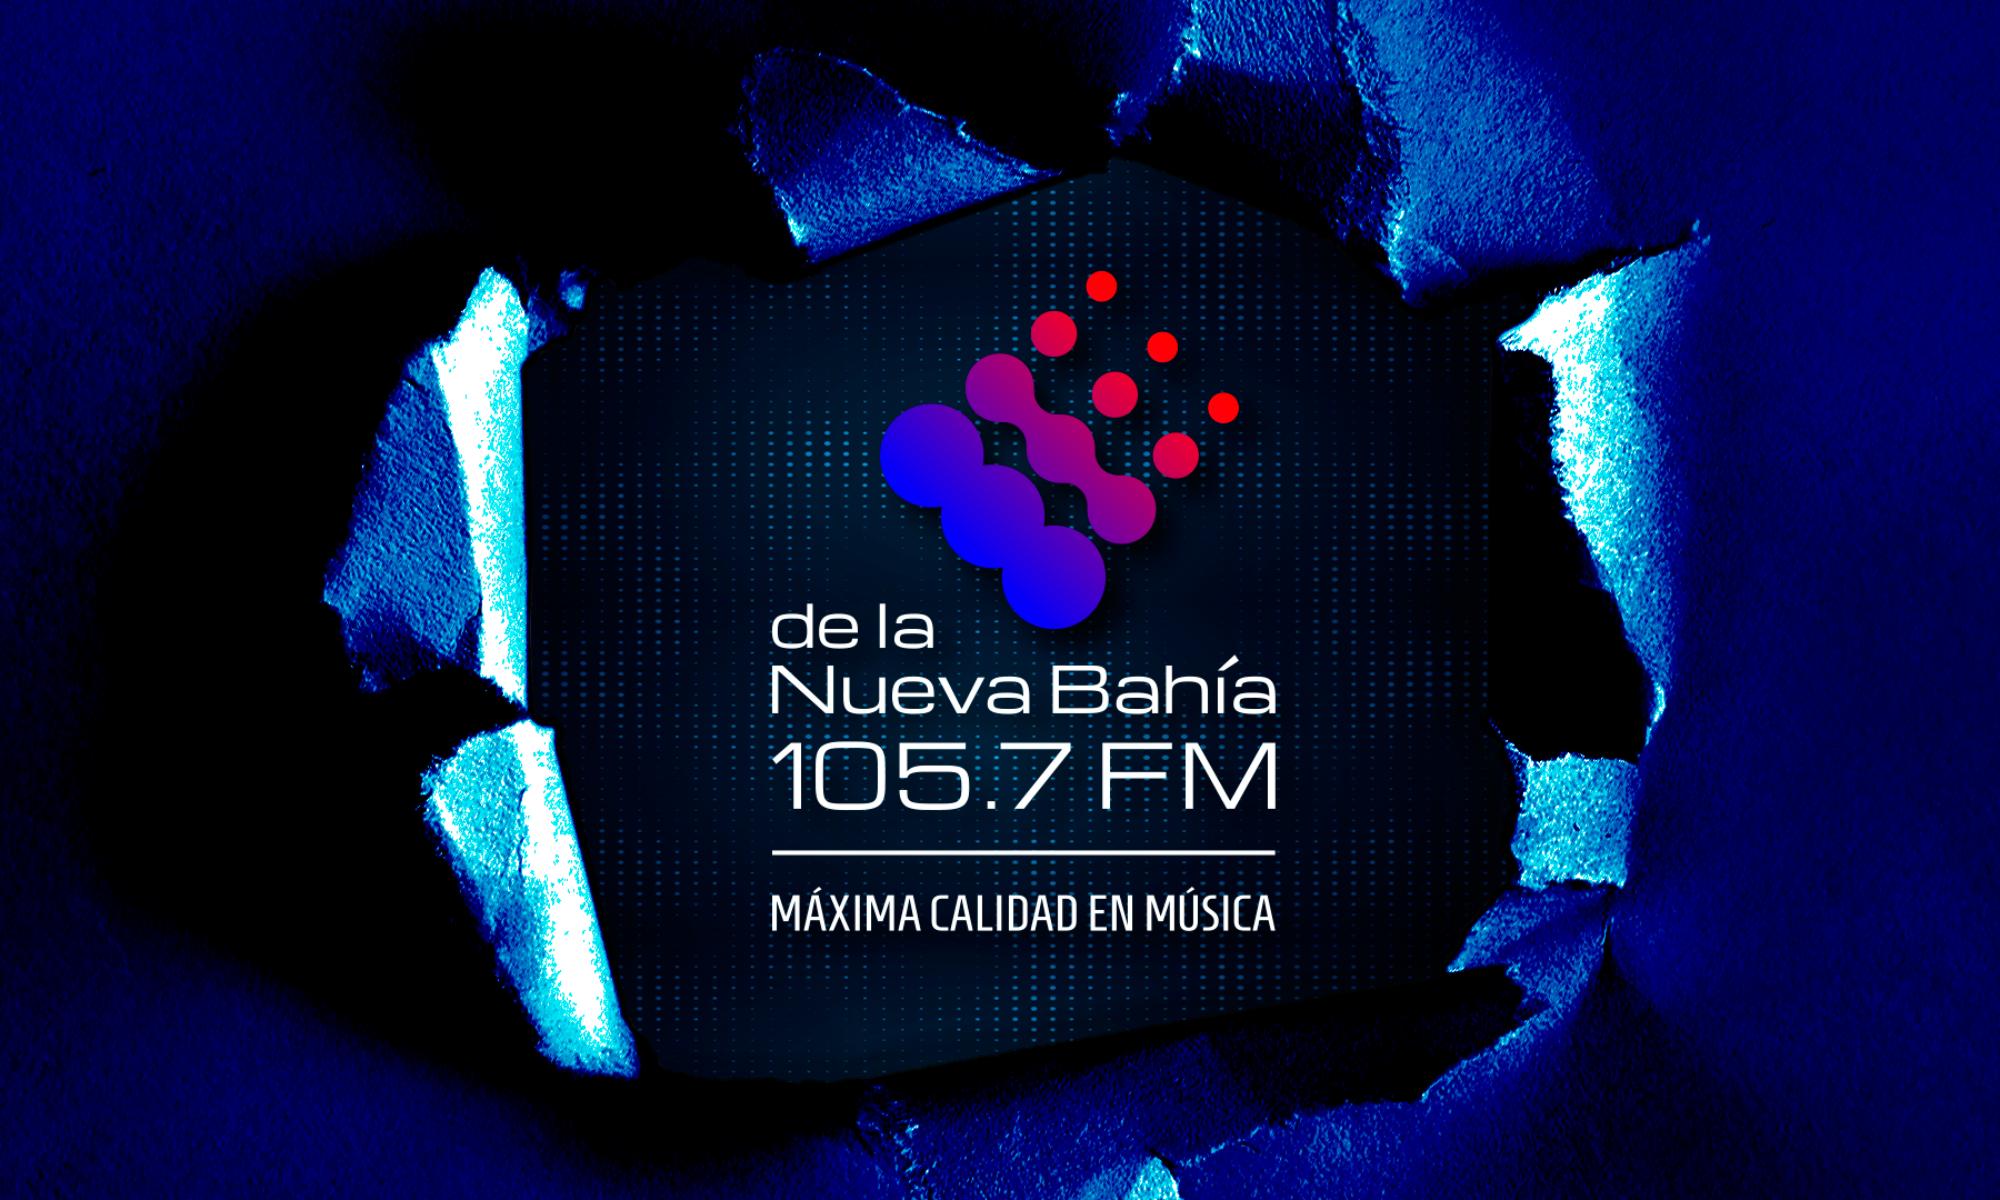 de la Nueva Bahia FM